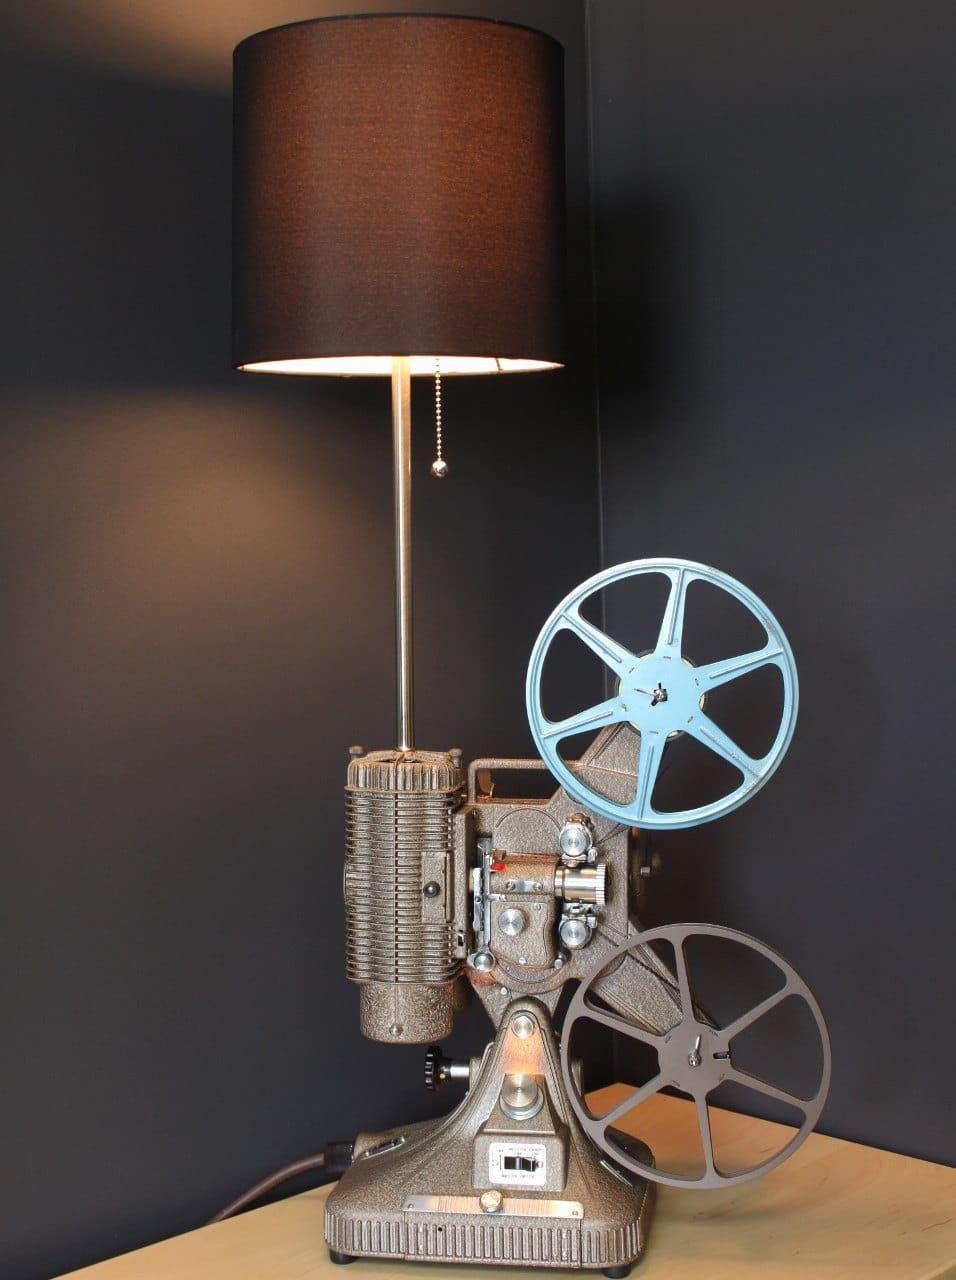 Vintage 8mm Projector Industrial Table Lamp Lampara Estilo Industrial Muebles De Exterior Lampara Steampunk